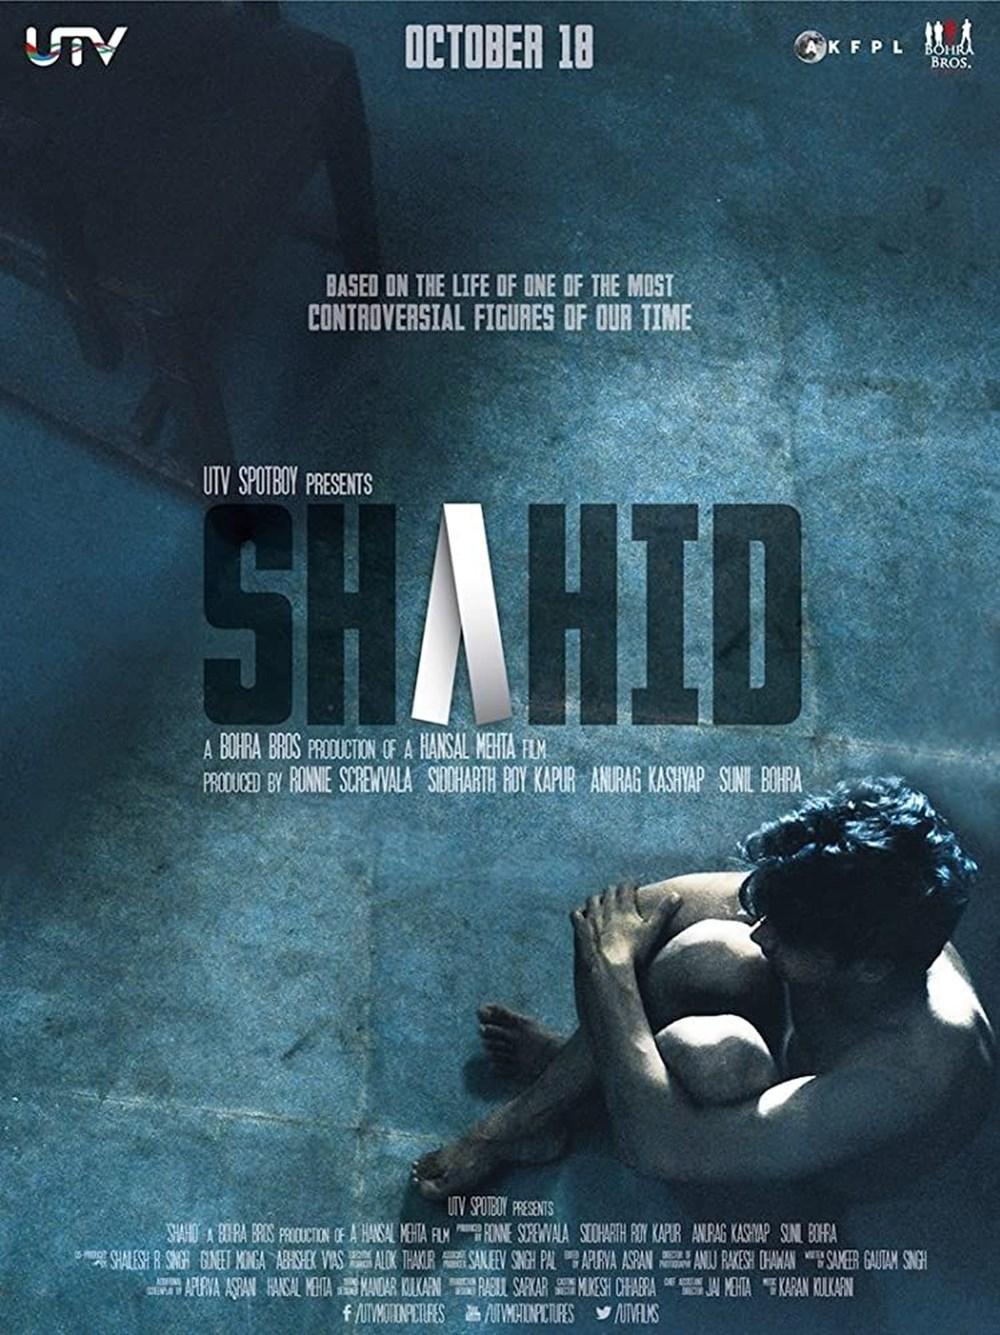 En iyi Hint filmleri - IMDb verileri (Bollywood sineması) - 10